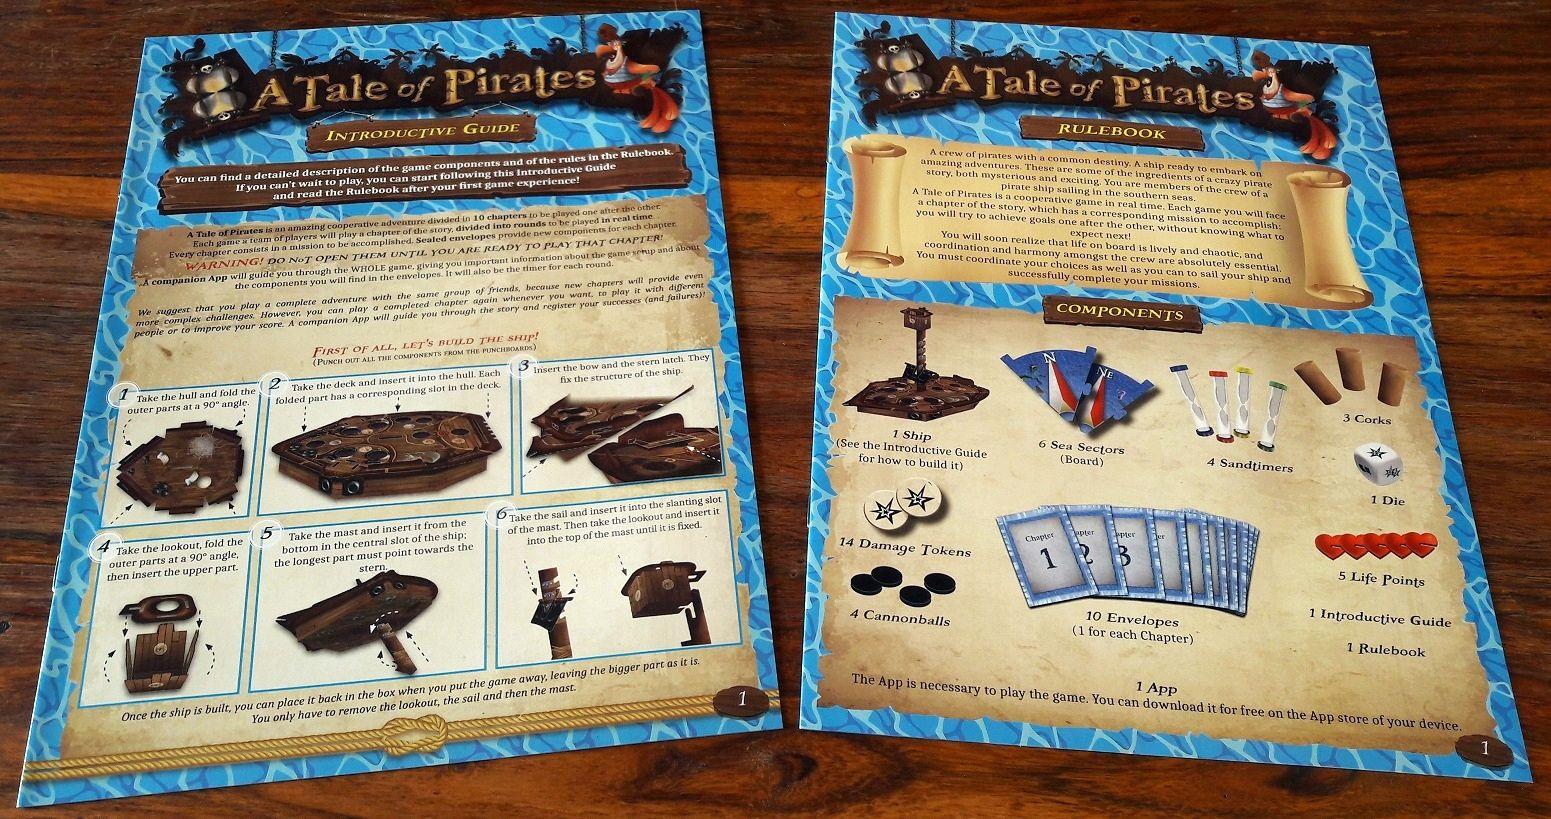 2 feuillets de règles : un pour commencer très rapidement, un plus complet expliquant les différentes actions et le déroulement du jeu.